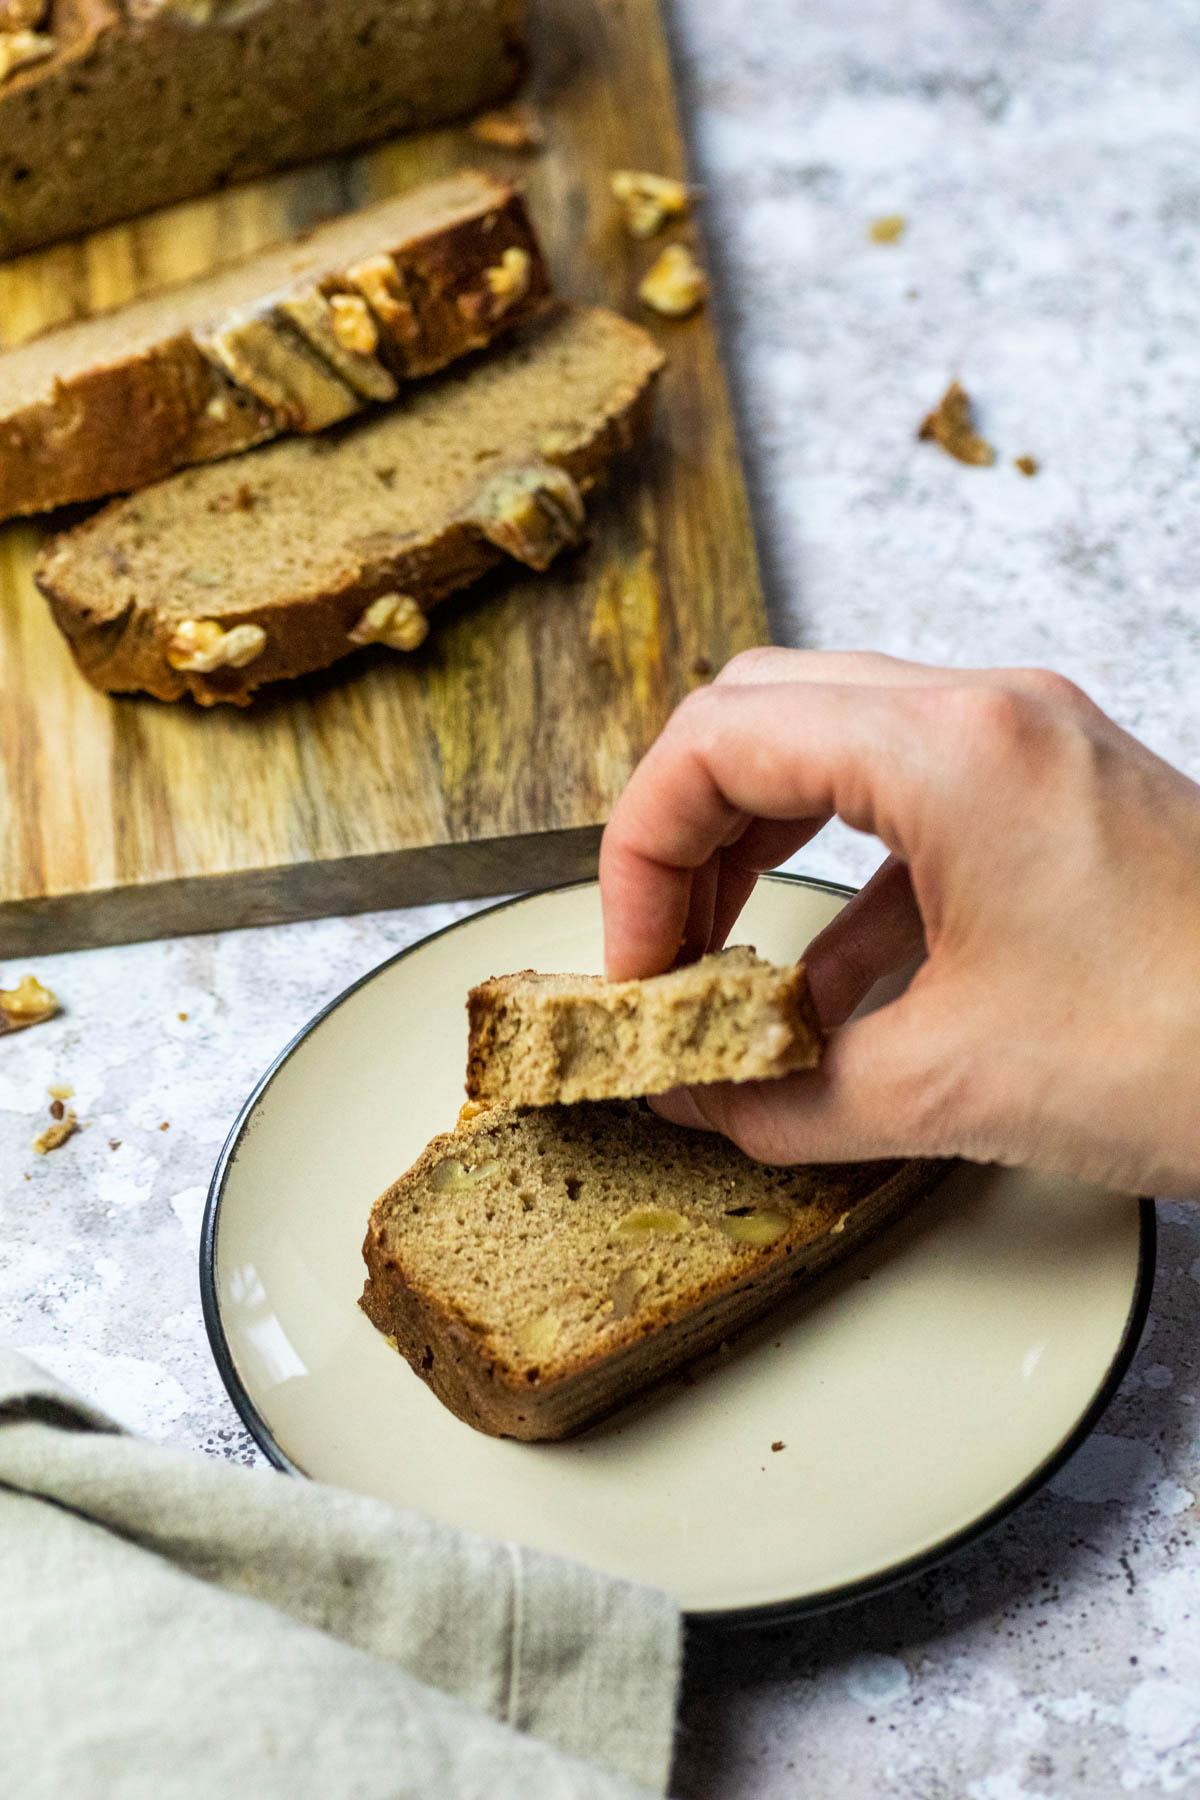 Eine Scheibe veganes Bananenbrot auf einem Teller mit einem Stück Brot.